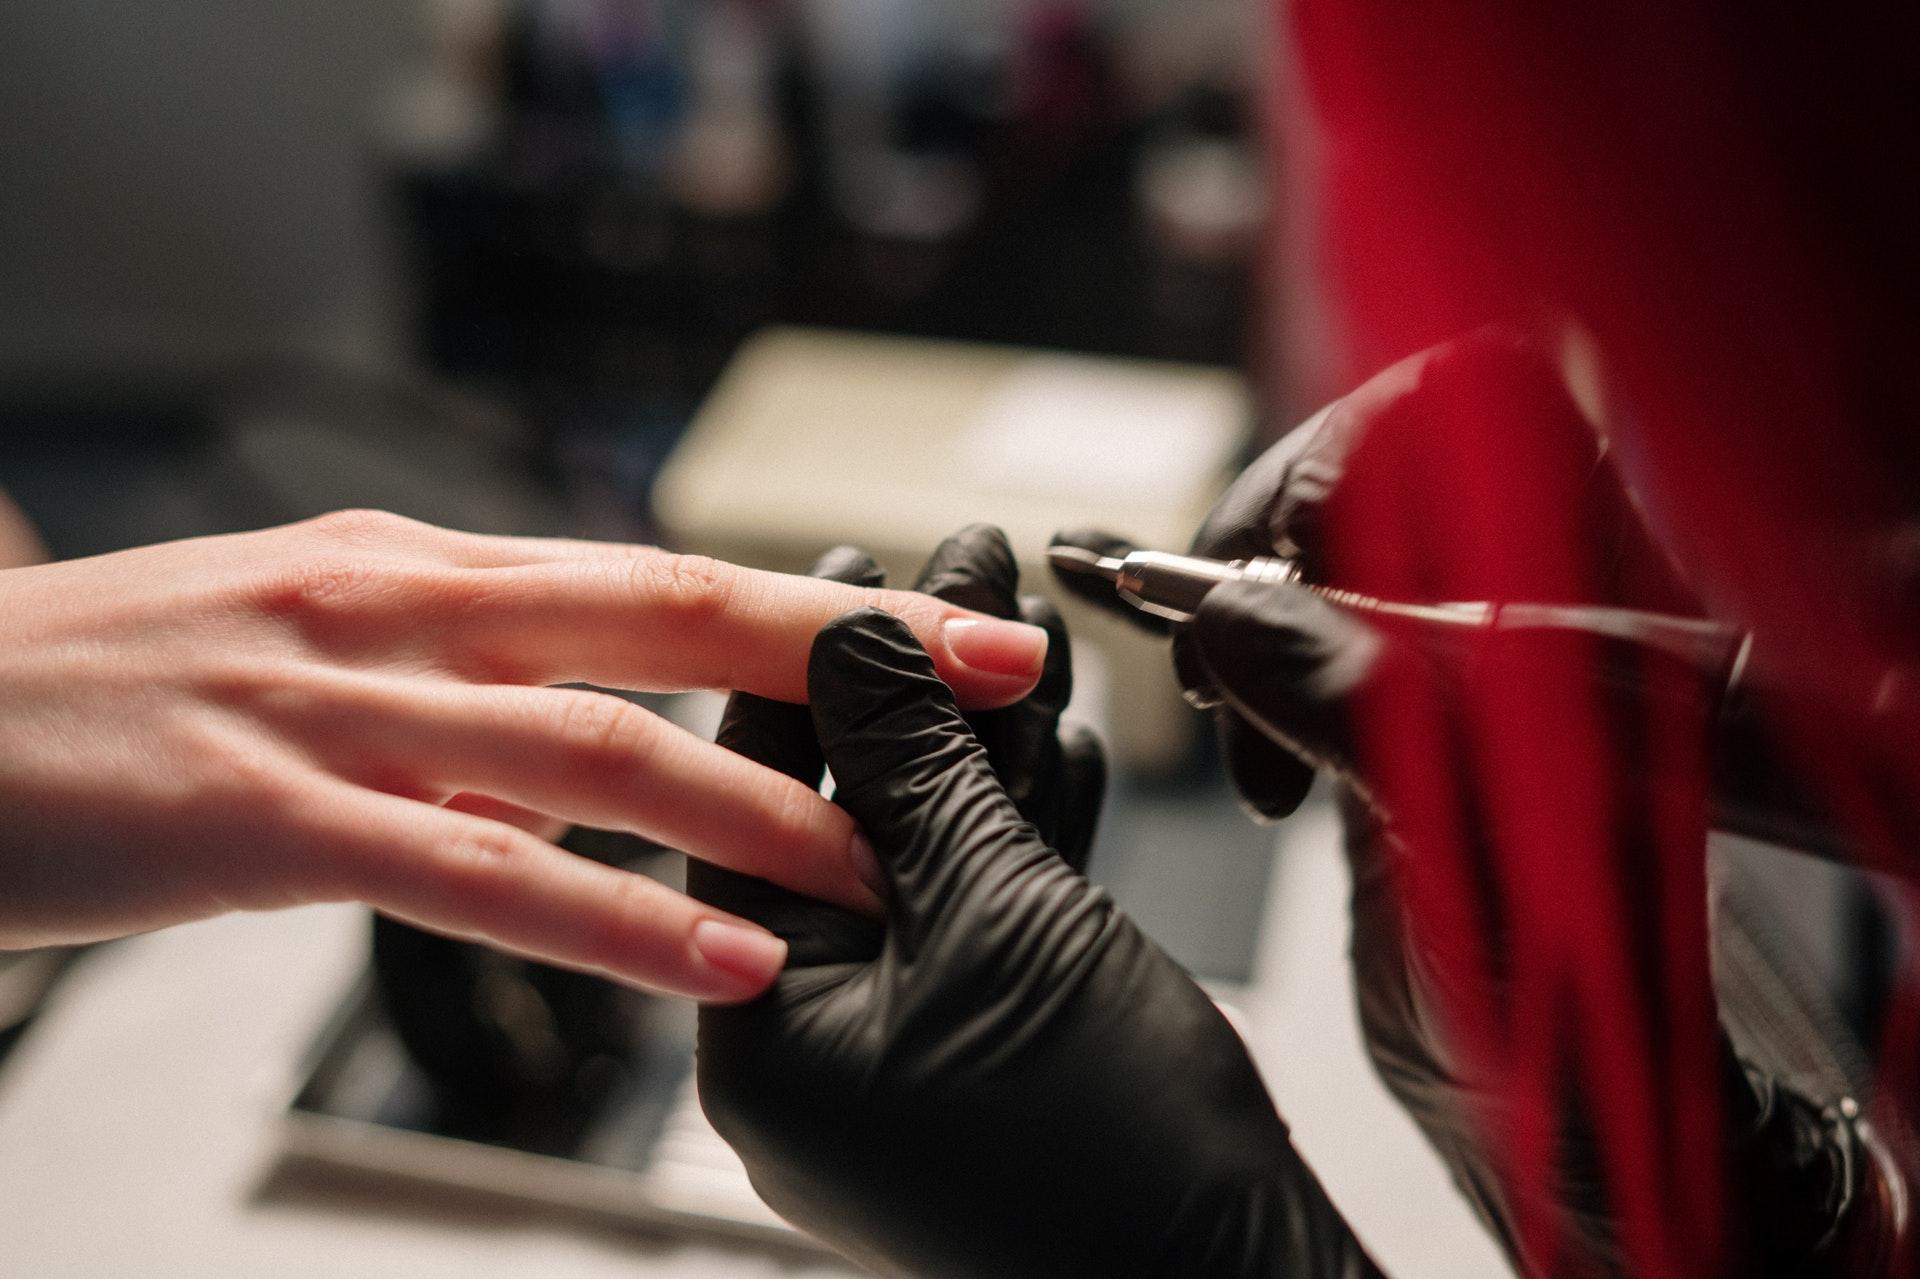 Imagem de uma mão fazendo as unhas de uma outra mão. Imagem ilustrativa texto franquias baratas beleza 2022.